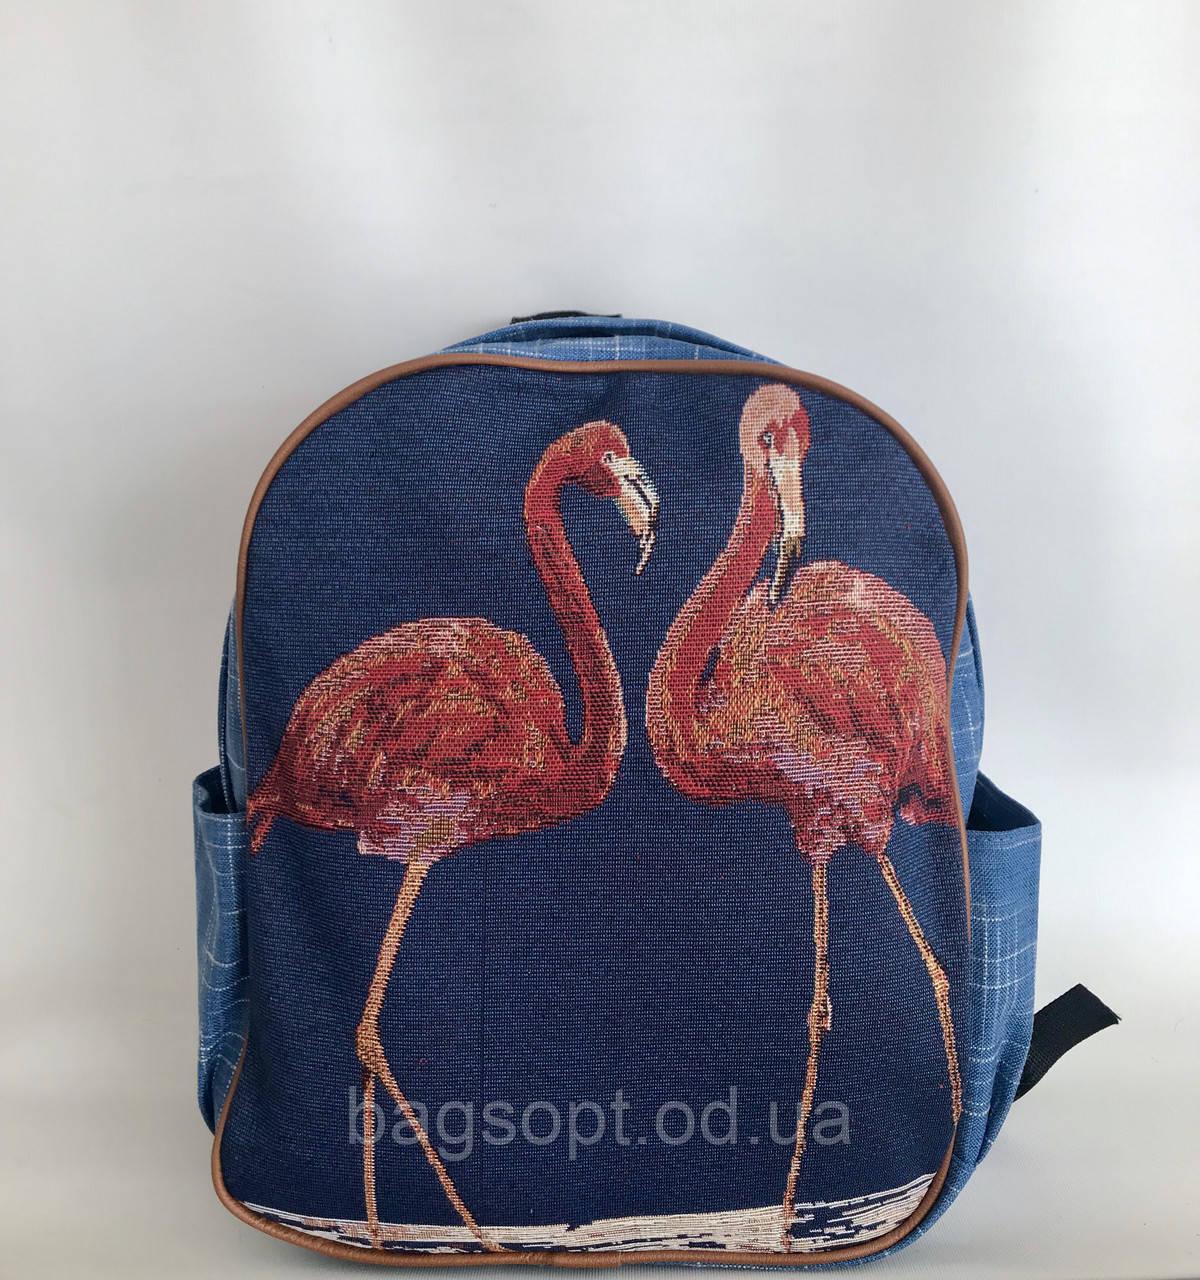 Женский синий рюкзак молодежный из плотного текстиля (льняной) с Фламинго Одесса 7 км